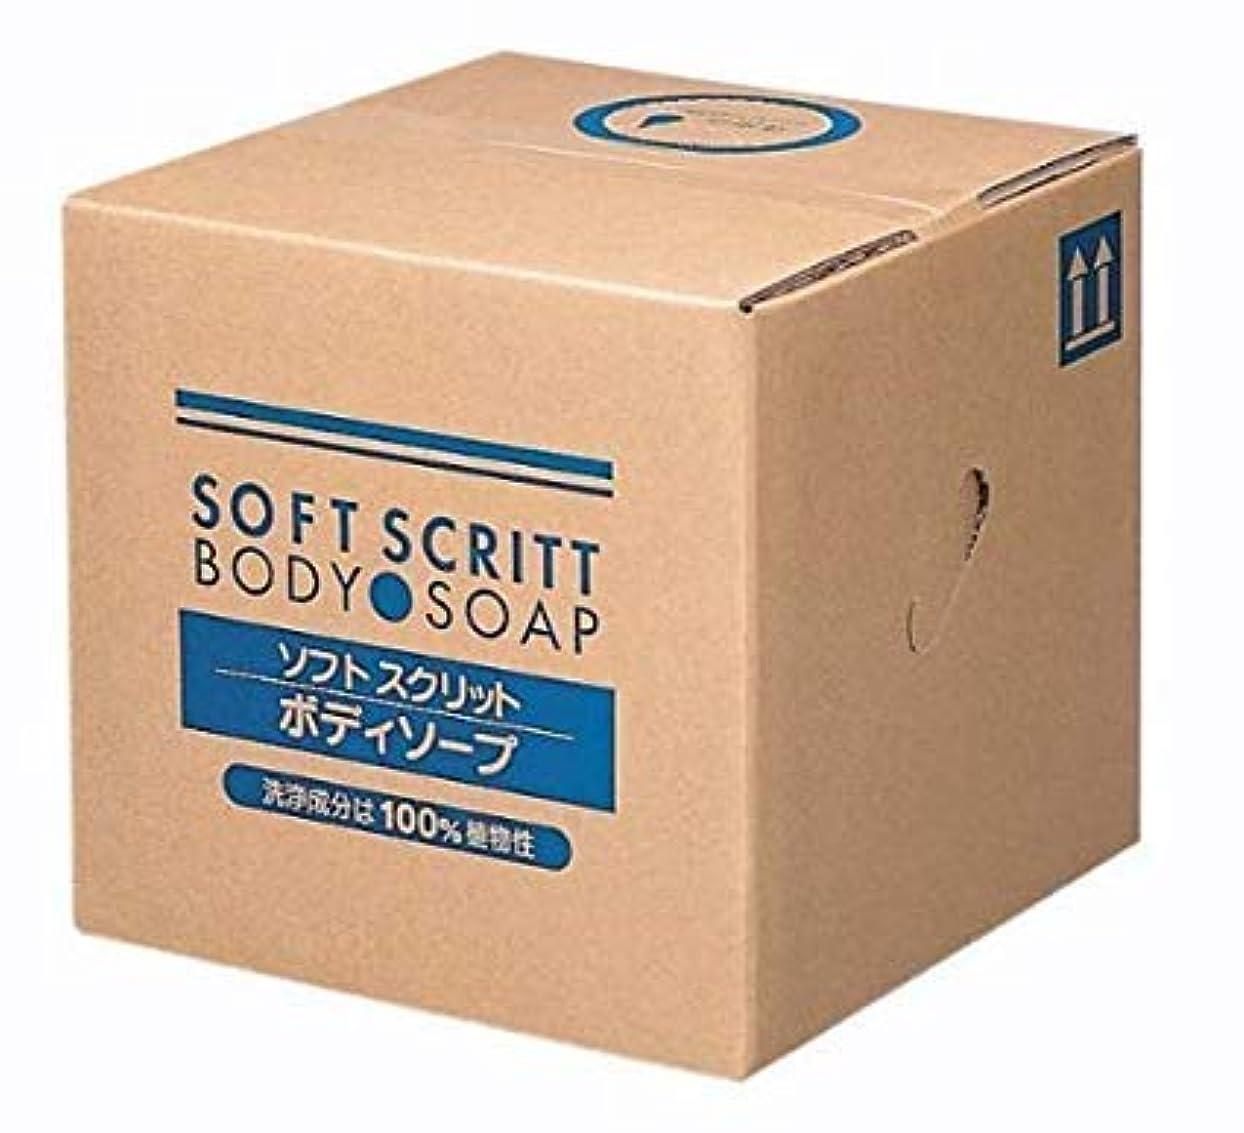 標準限り愛撫業務用 SOFT SCRITT(ソフト スクリット) ボディソープ 18L 熊野油脂 コック無し